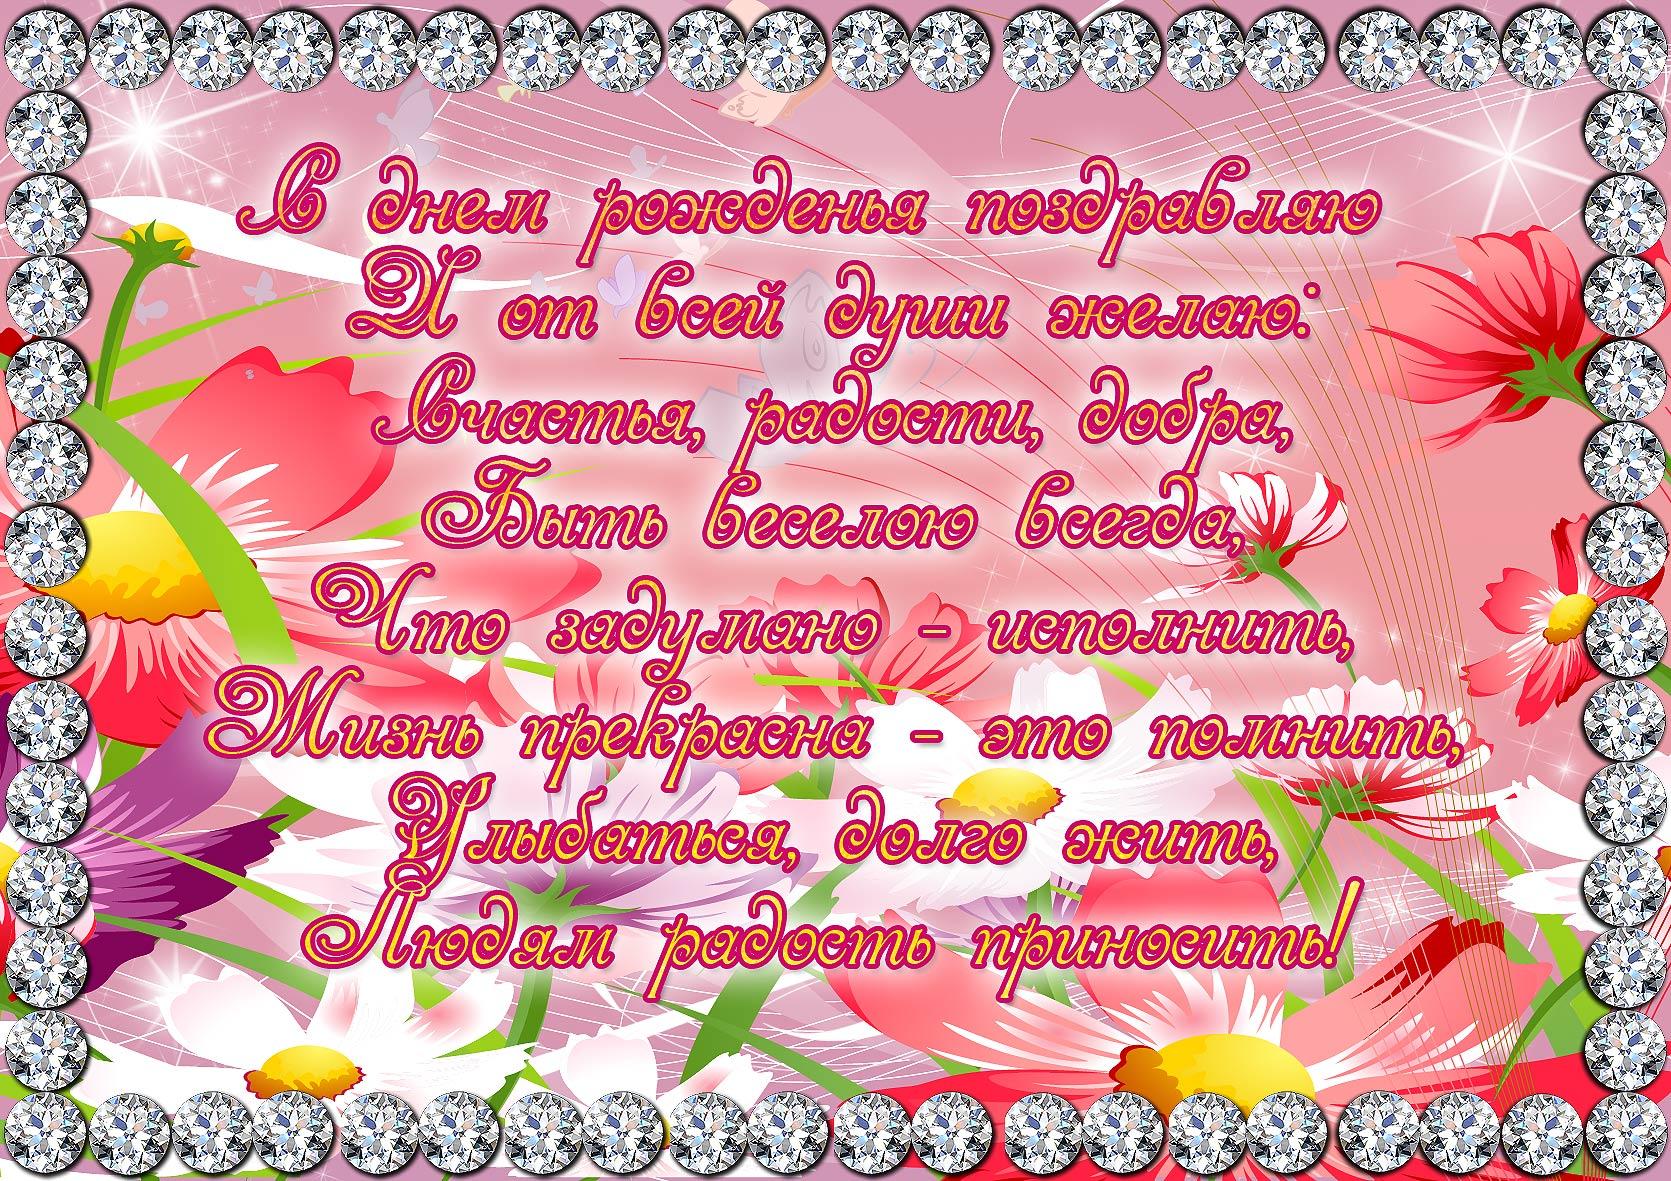 Поздраляем с Днем Рождения Ларису Борисовну! 1341634669_1338114454_4